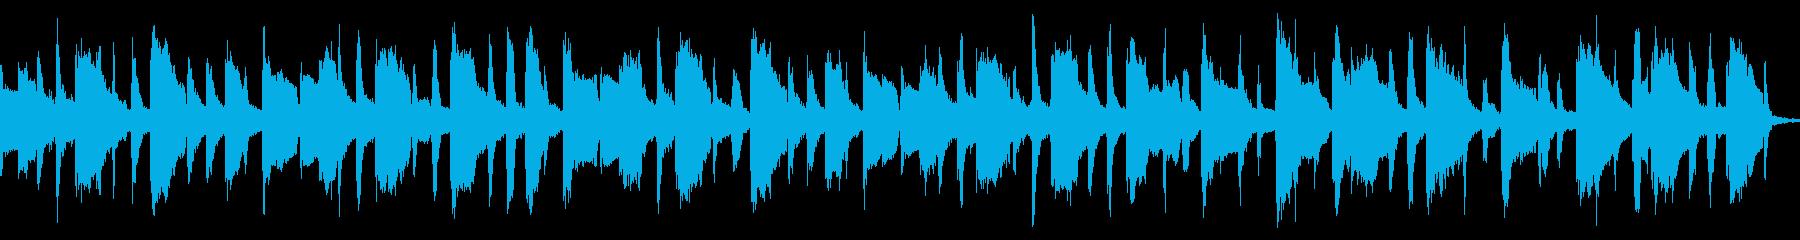 子供向けアニメ風の和やかなBGM:ループの再生済みの波形